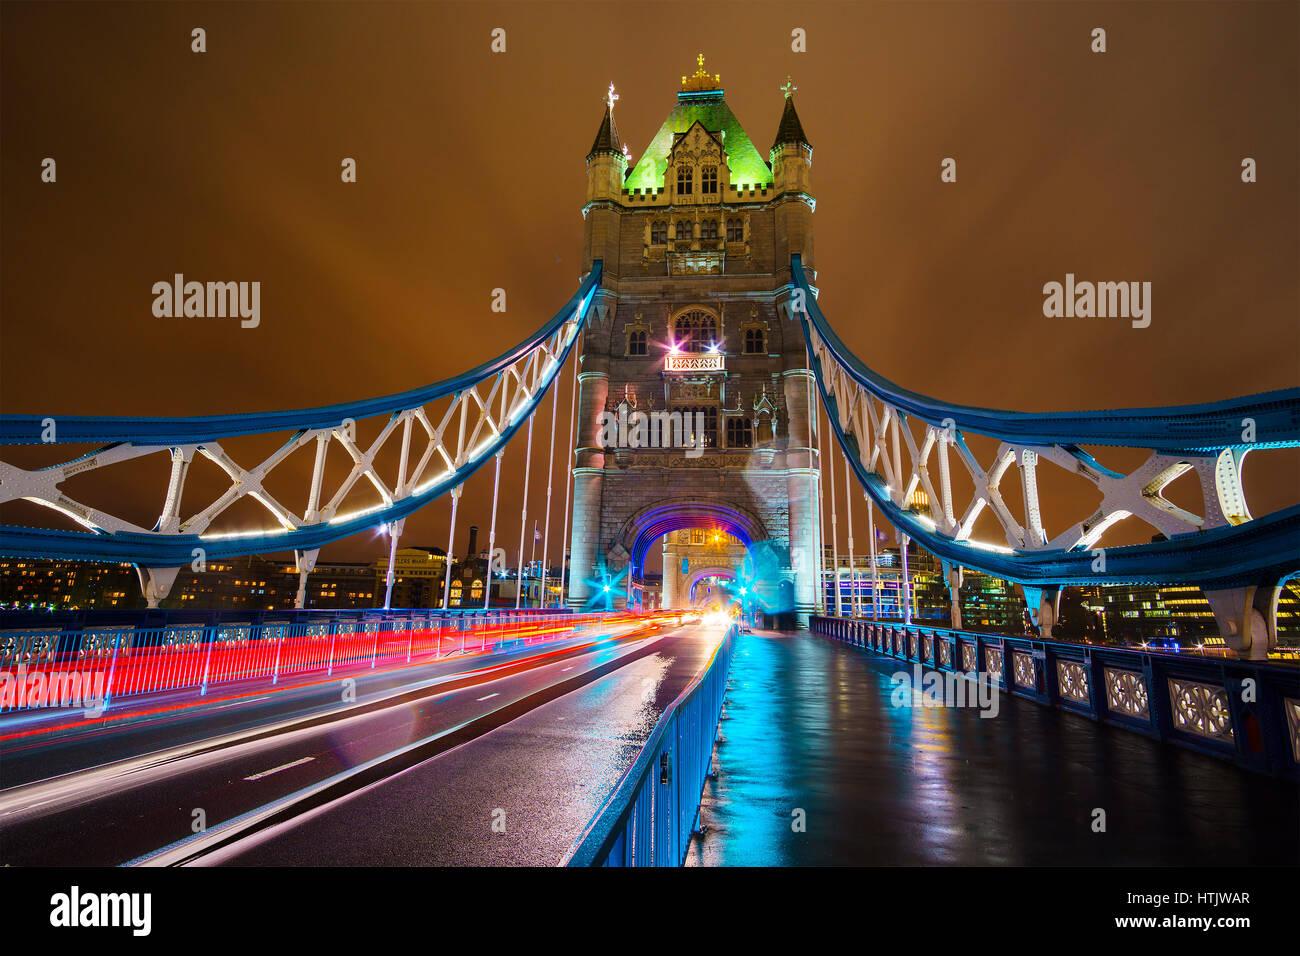 Puente de la torre iluminada por la noche. Londres, Reino Unido. Imagen De Stock